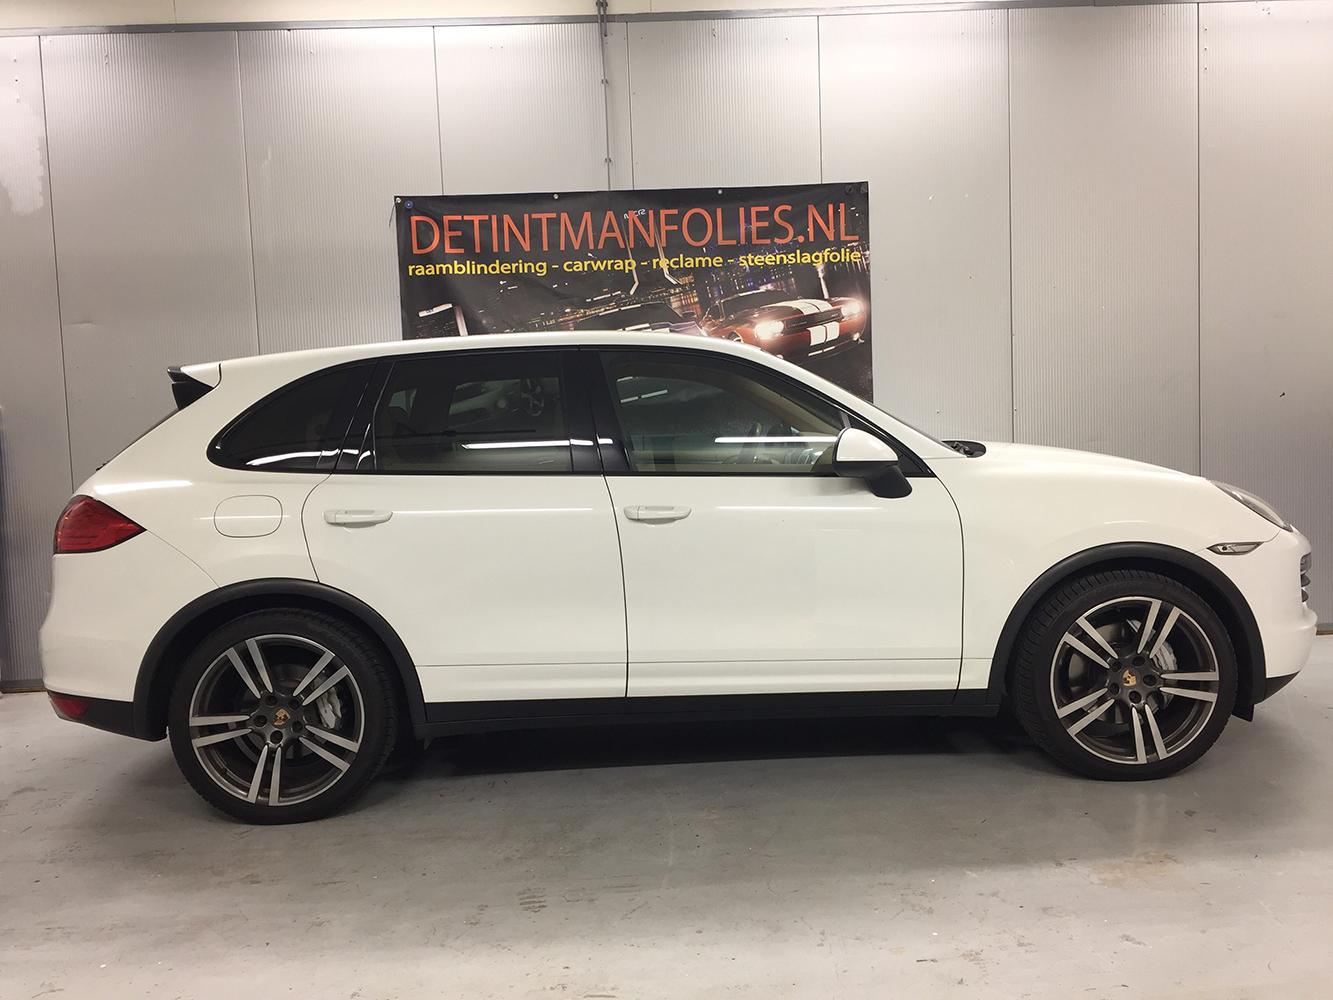 Porsche Cayenne carwrap naar kleur Satin Dark Grey voor 2